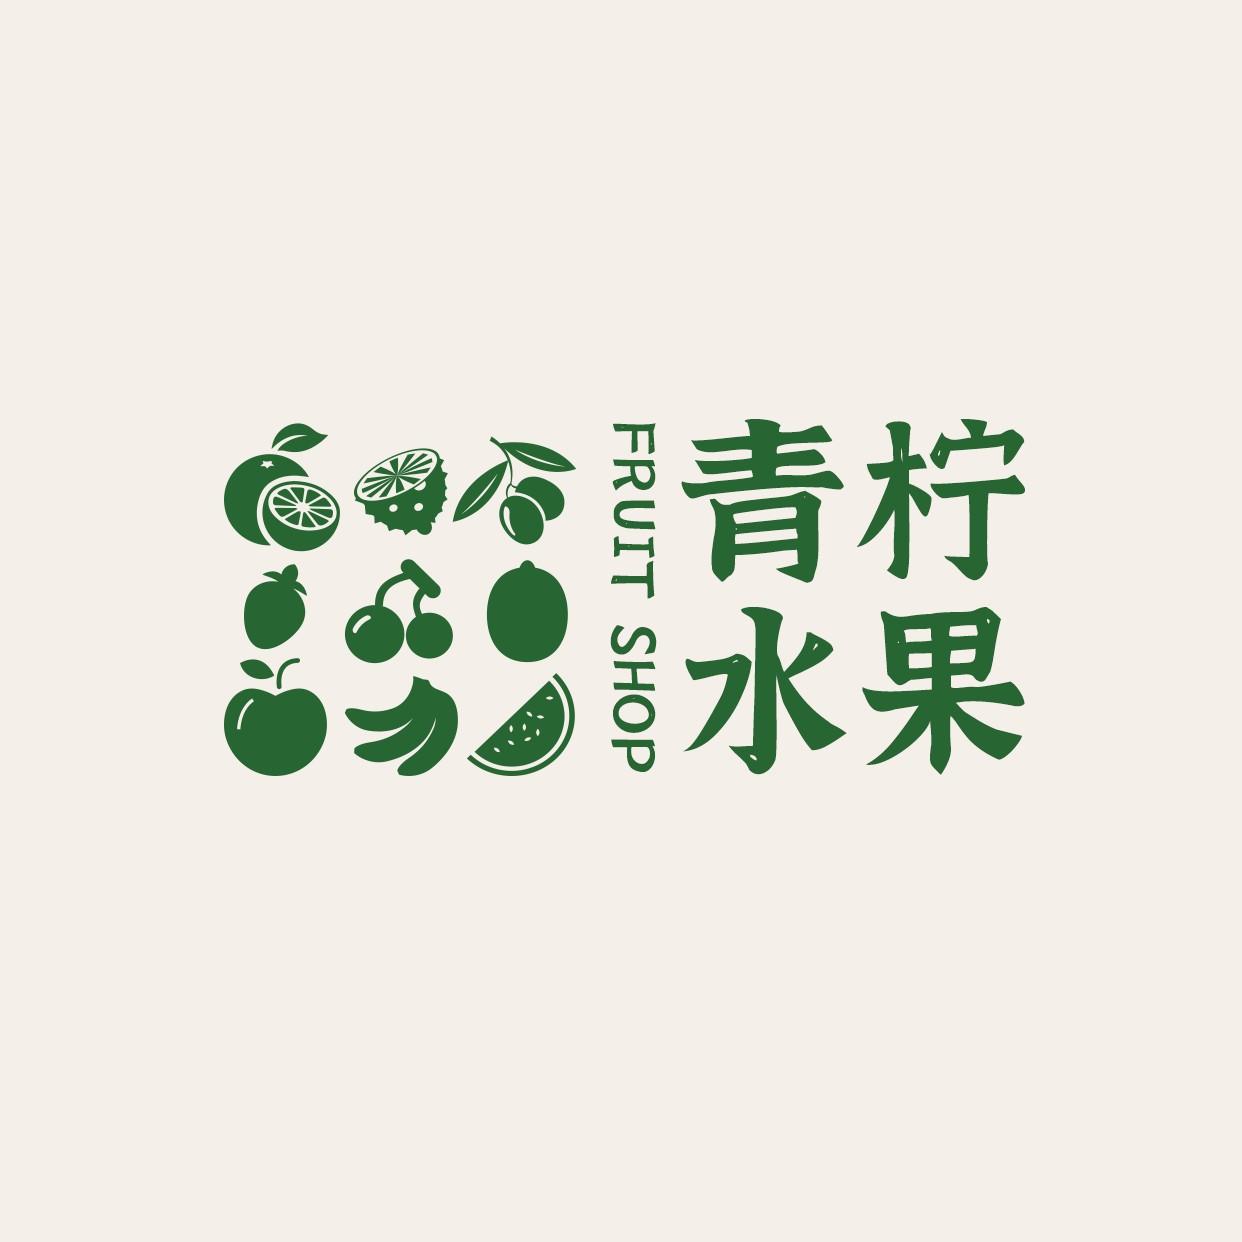 手绘餐饮美食水果店LOGO